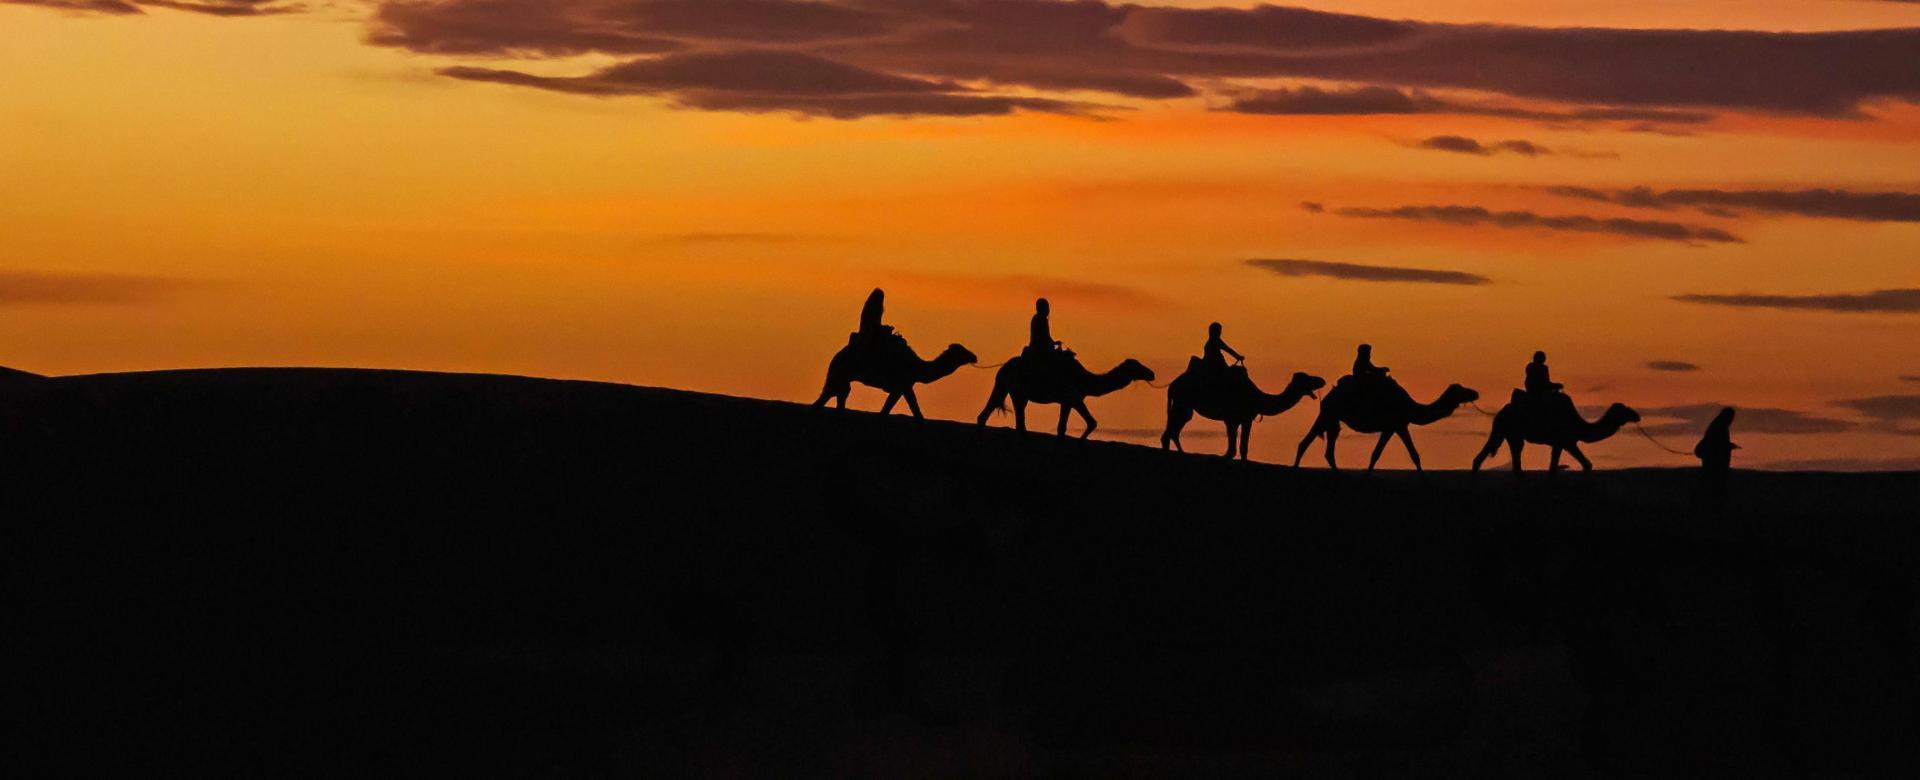 Voyage avec des animaux Maroc : Nomades du désert